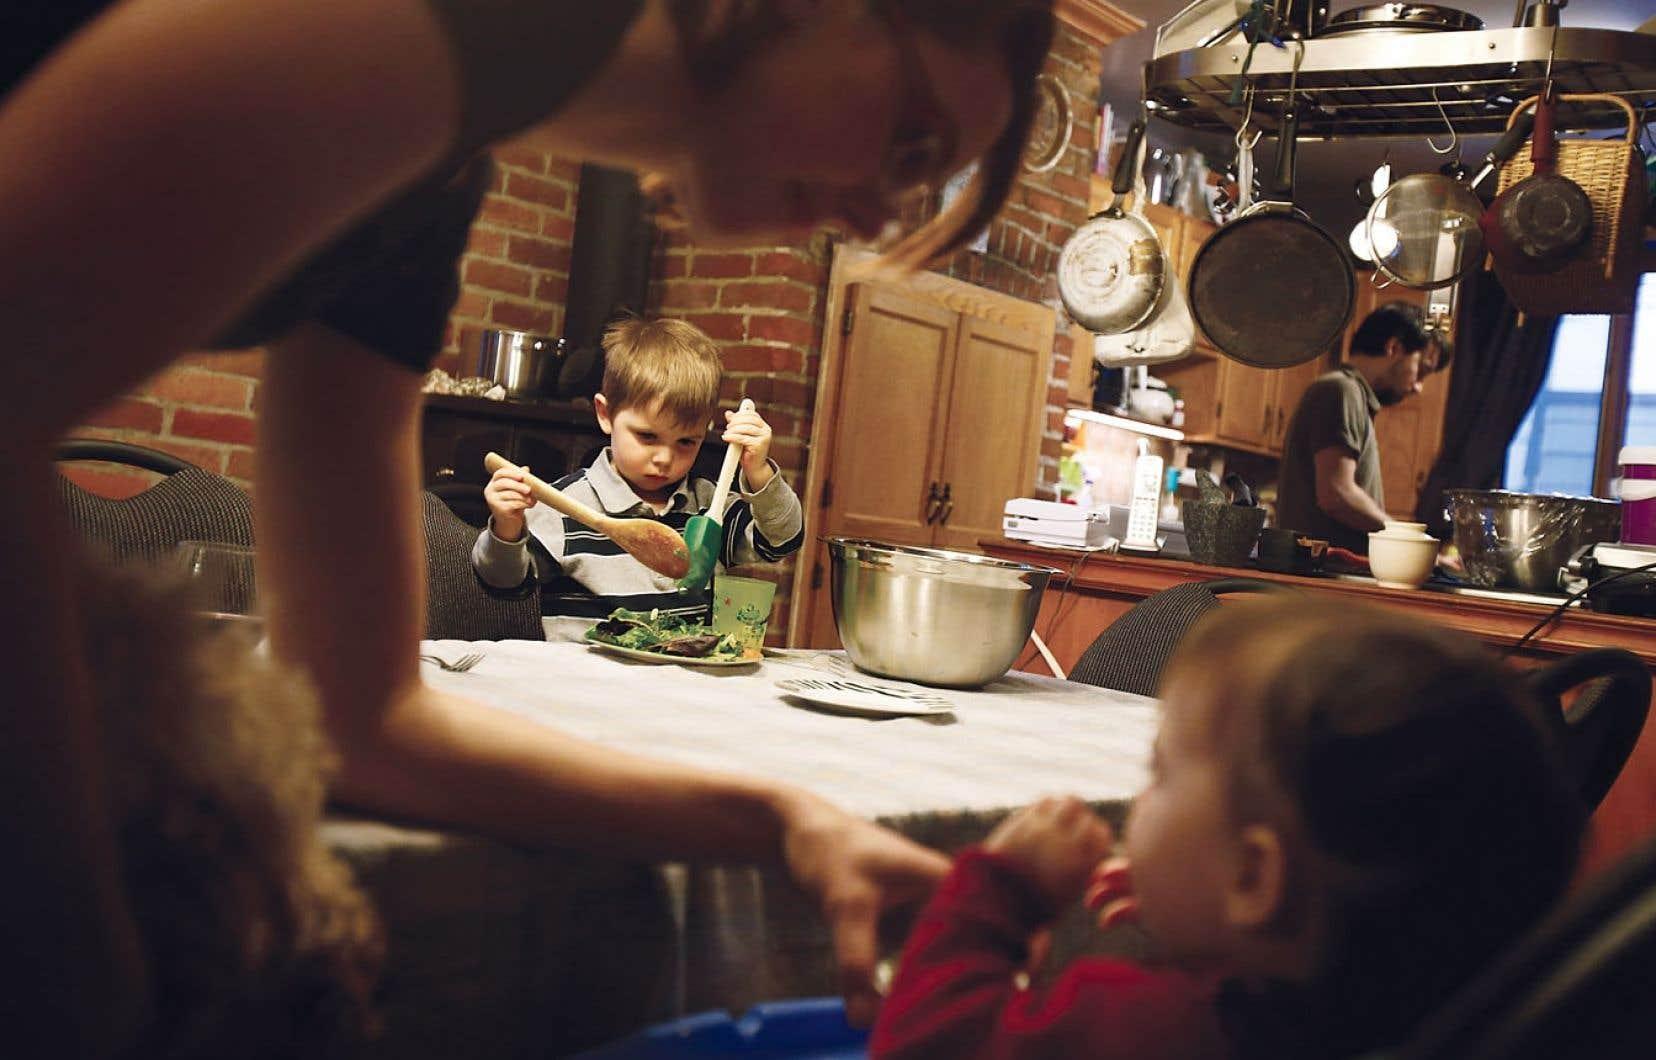 Jean-Michel Fiset et Marie-Ève Gauvreau se partagent les tâches de fin de journée en y intégrant leurs enfants Maya, Charles et Blanche.